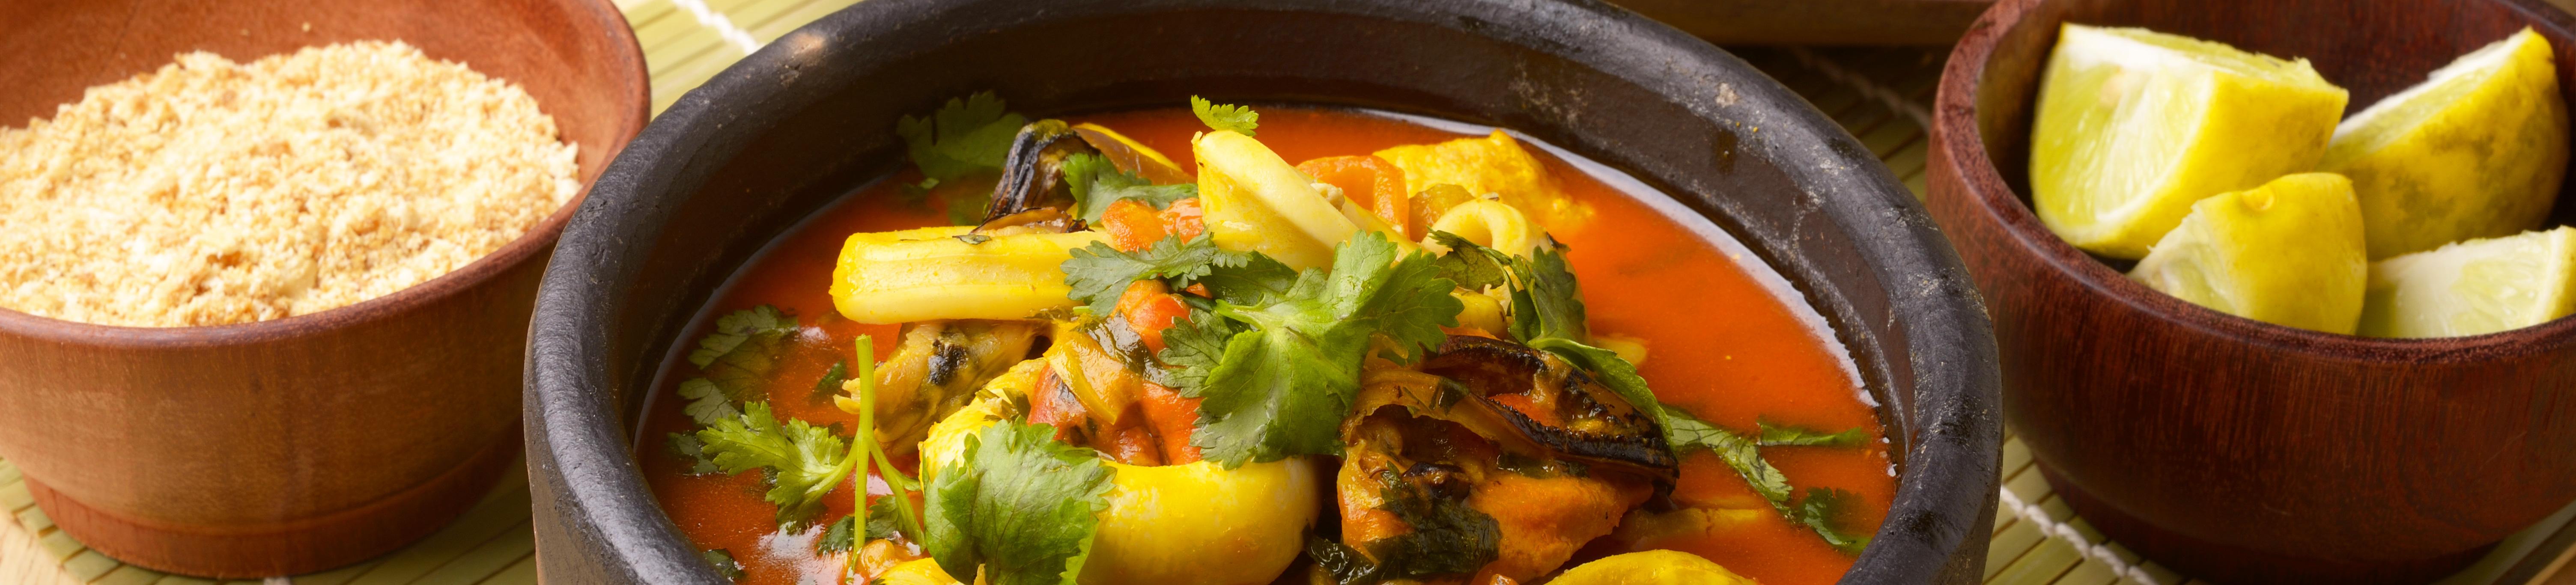 Les spécialités culinaires au Brésil